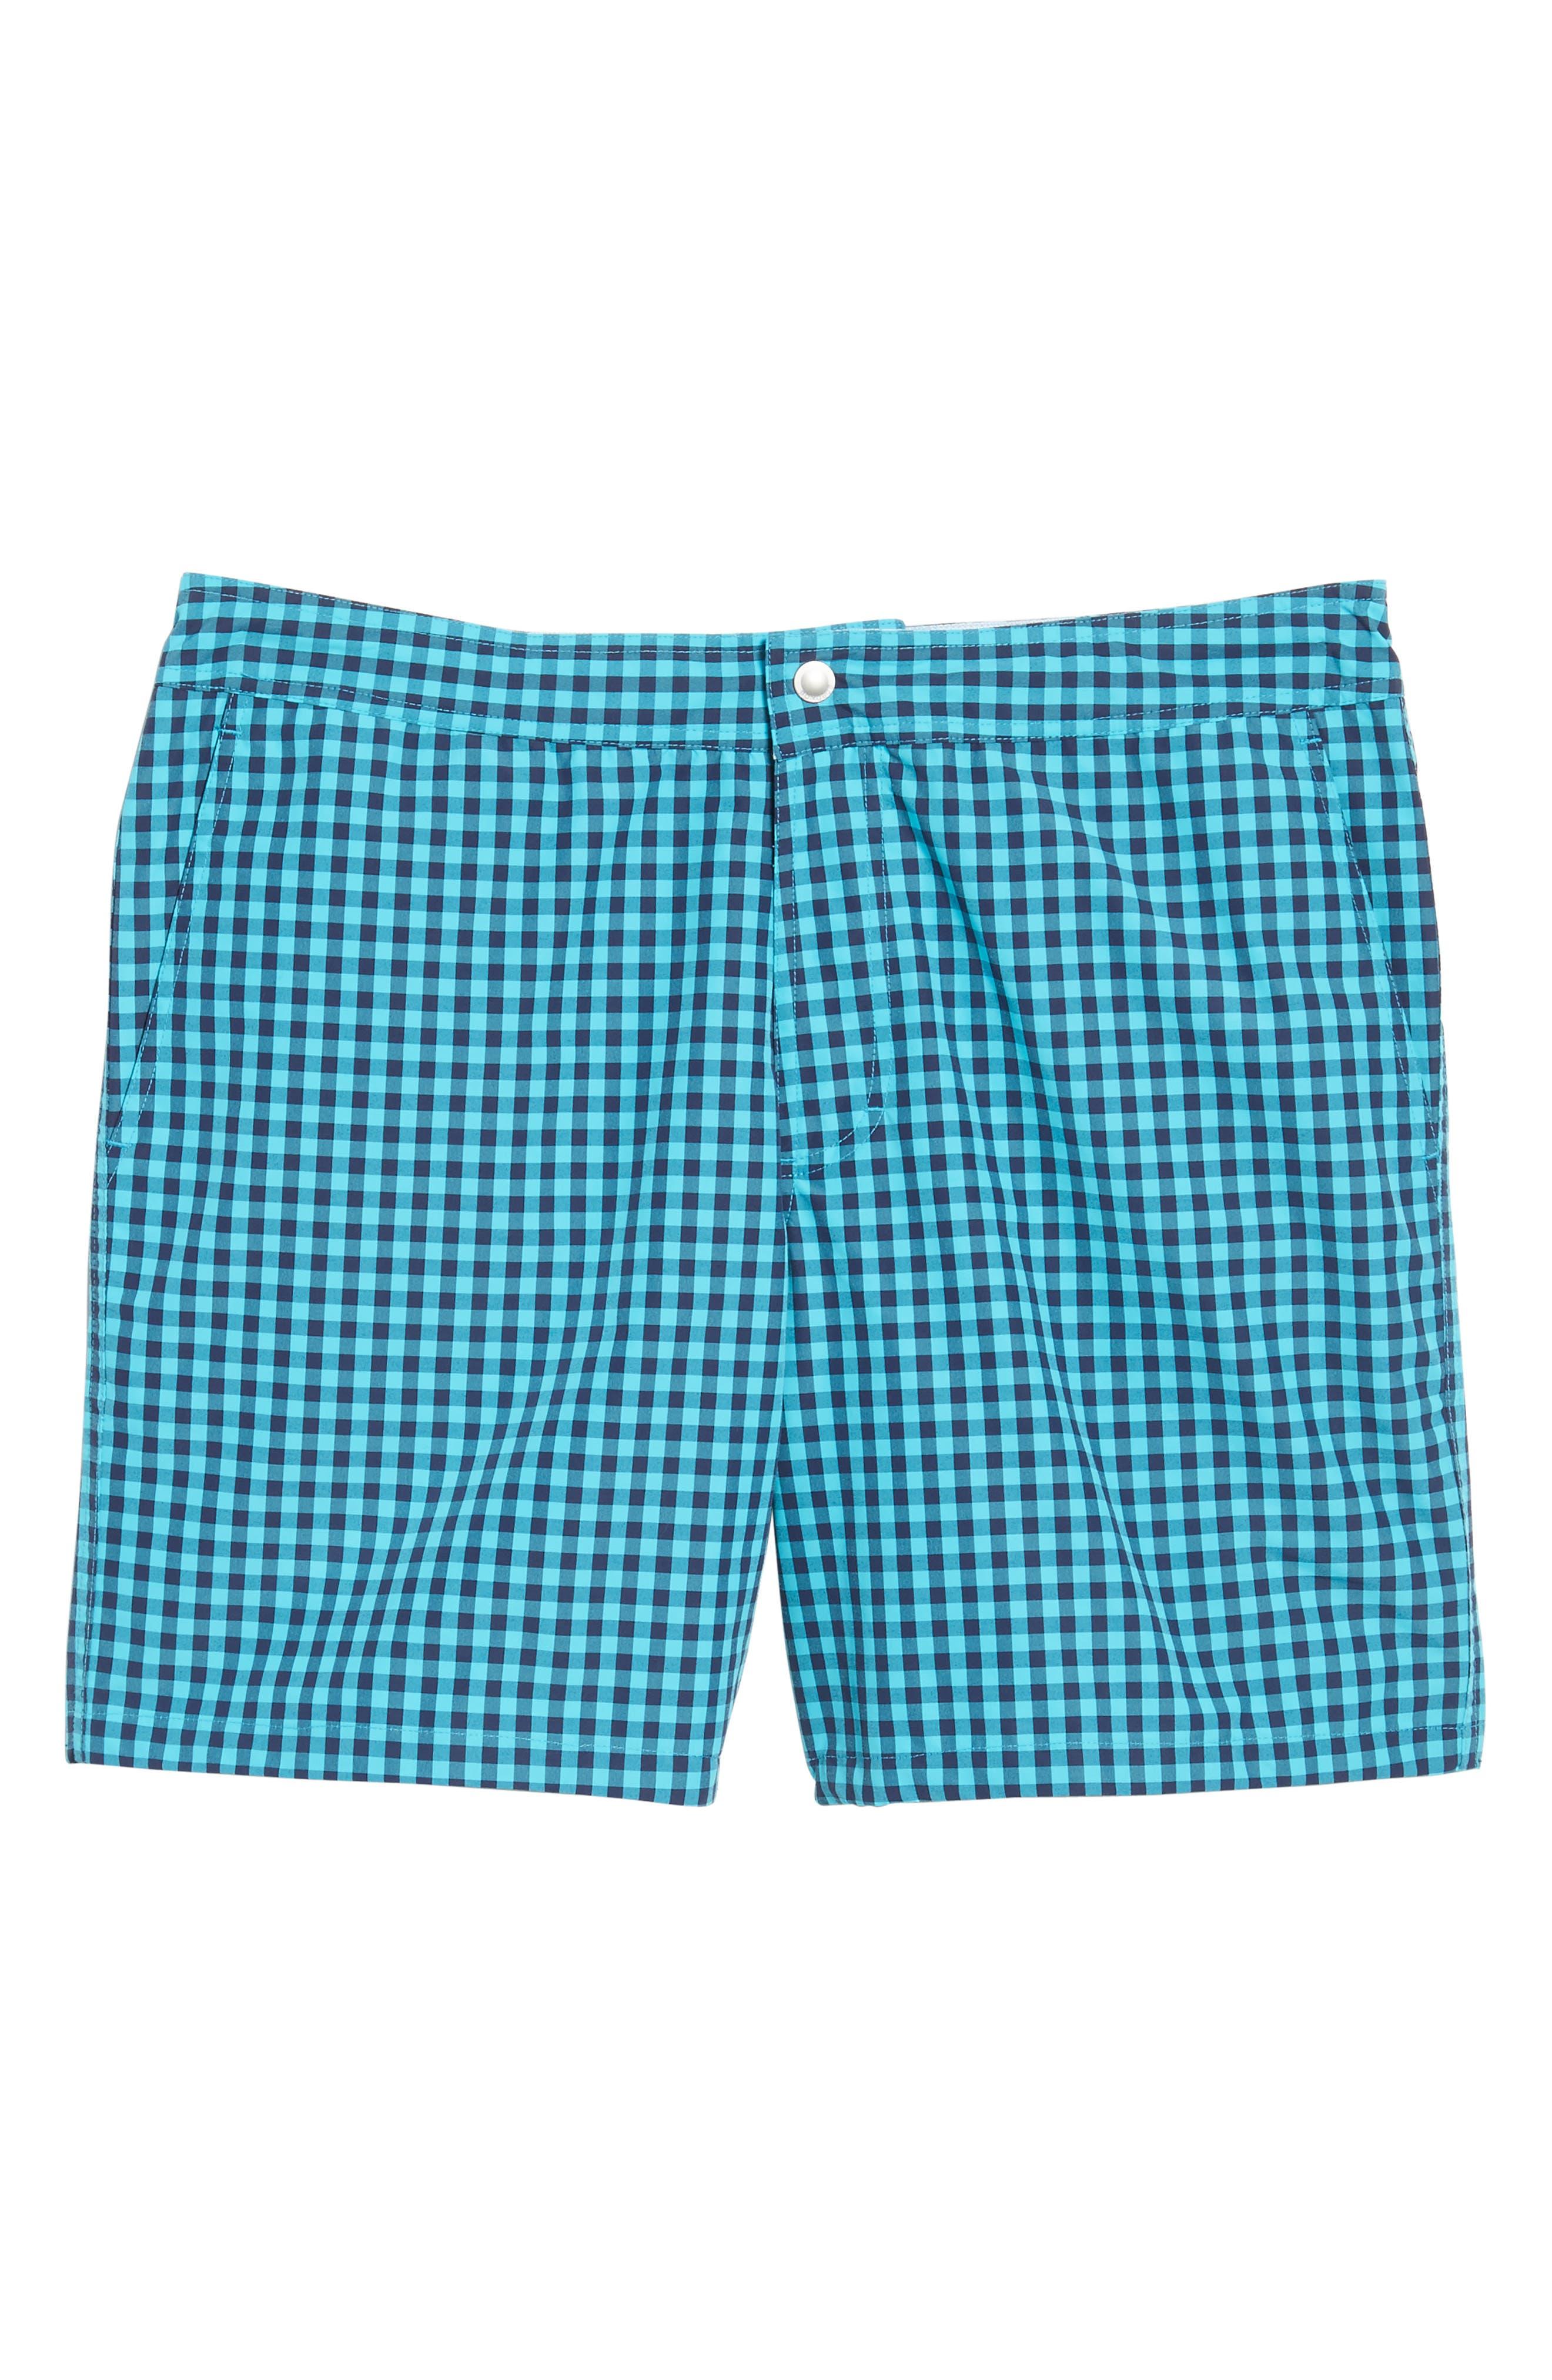 Gingham 7-Inch Swim Trunks,                             Alternate thumbnail 6, color,                             400